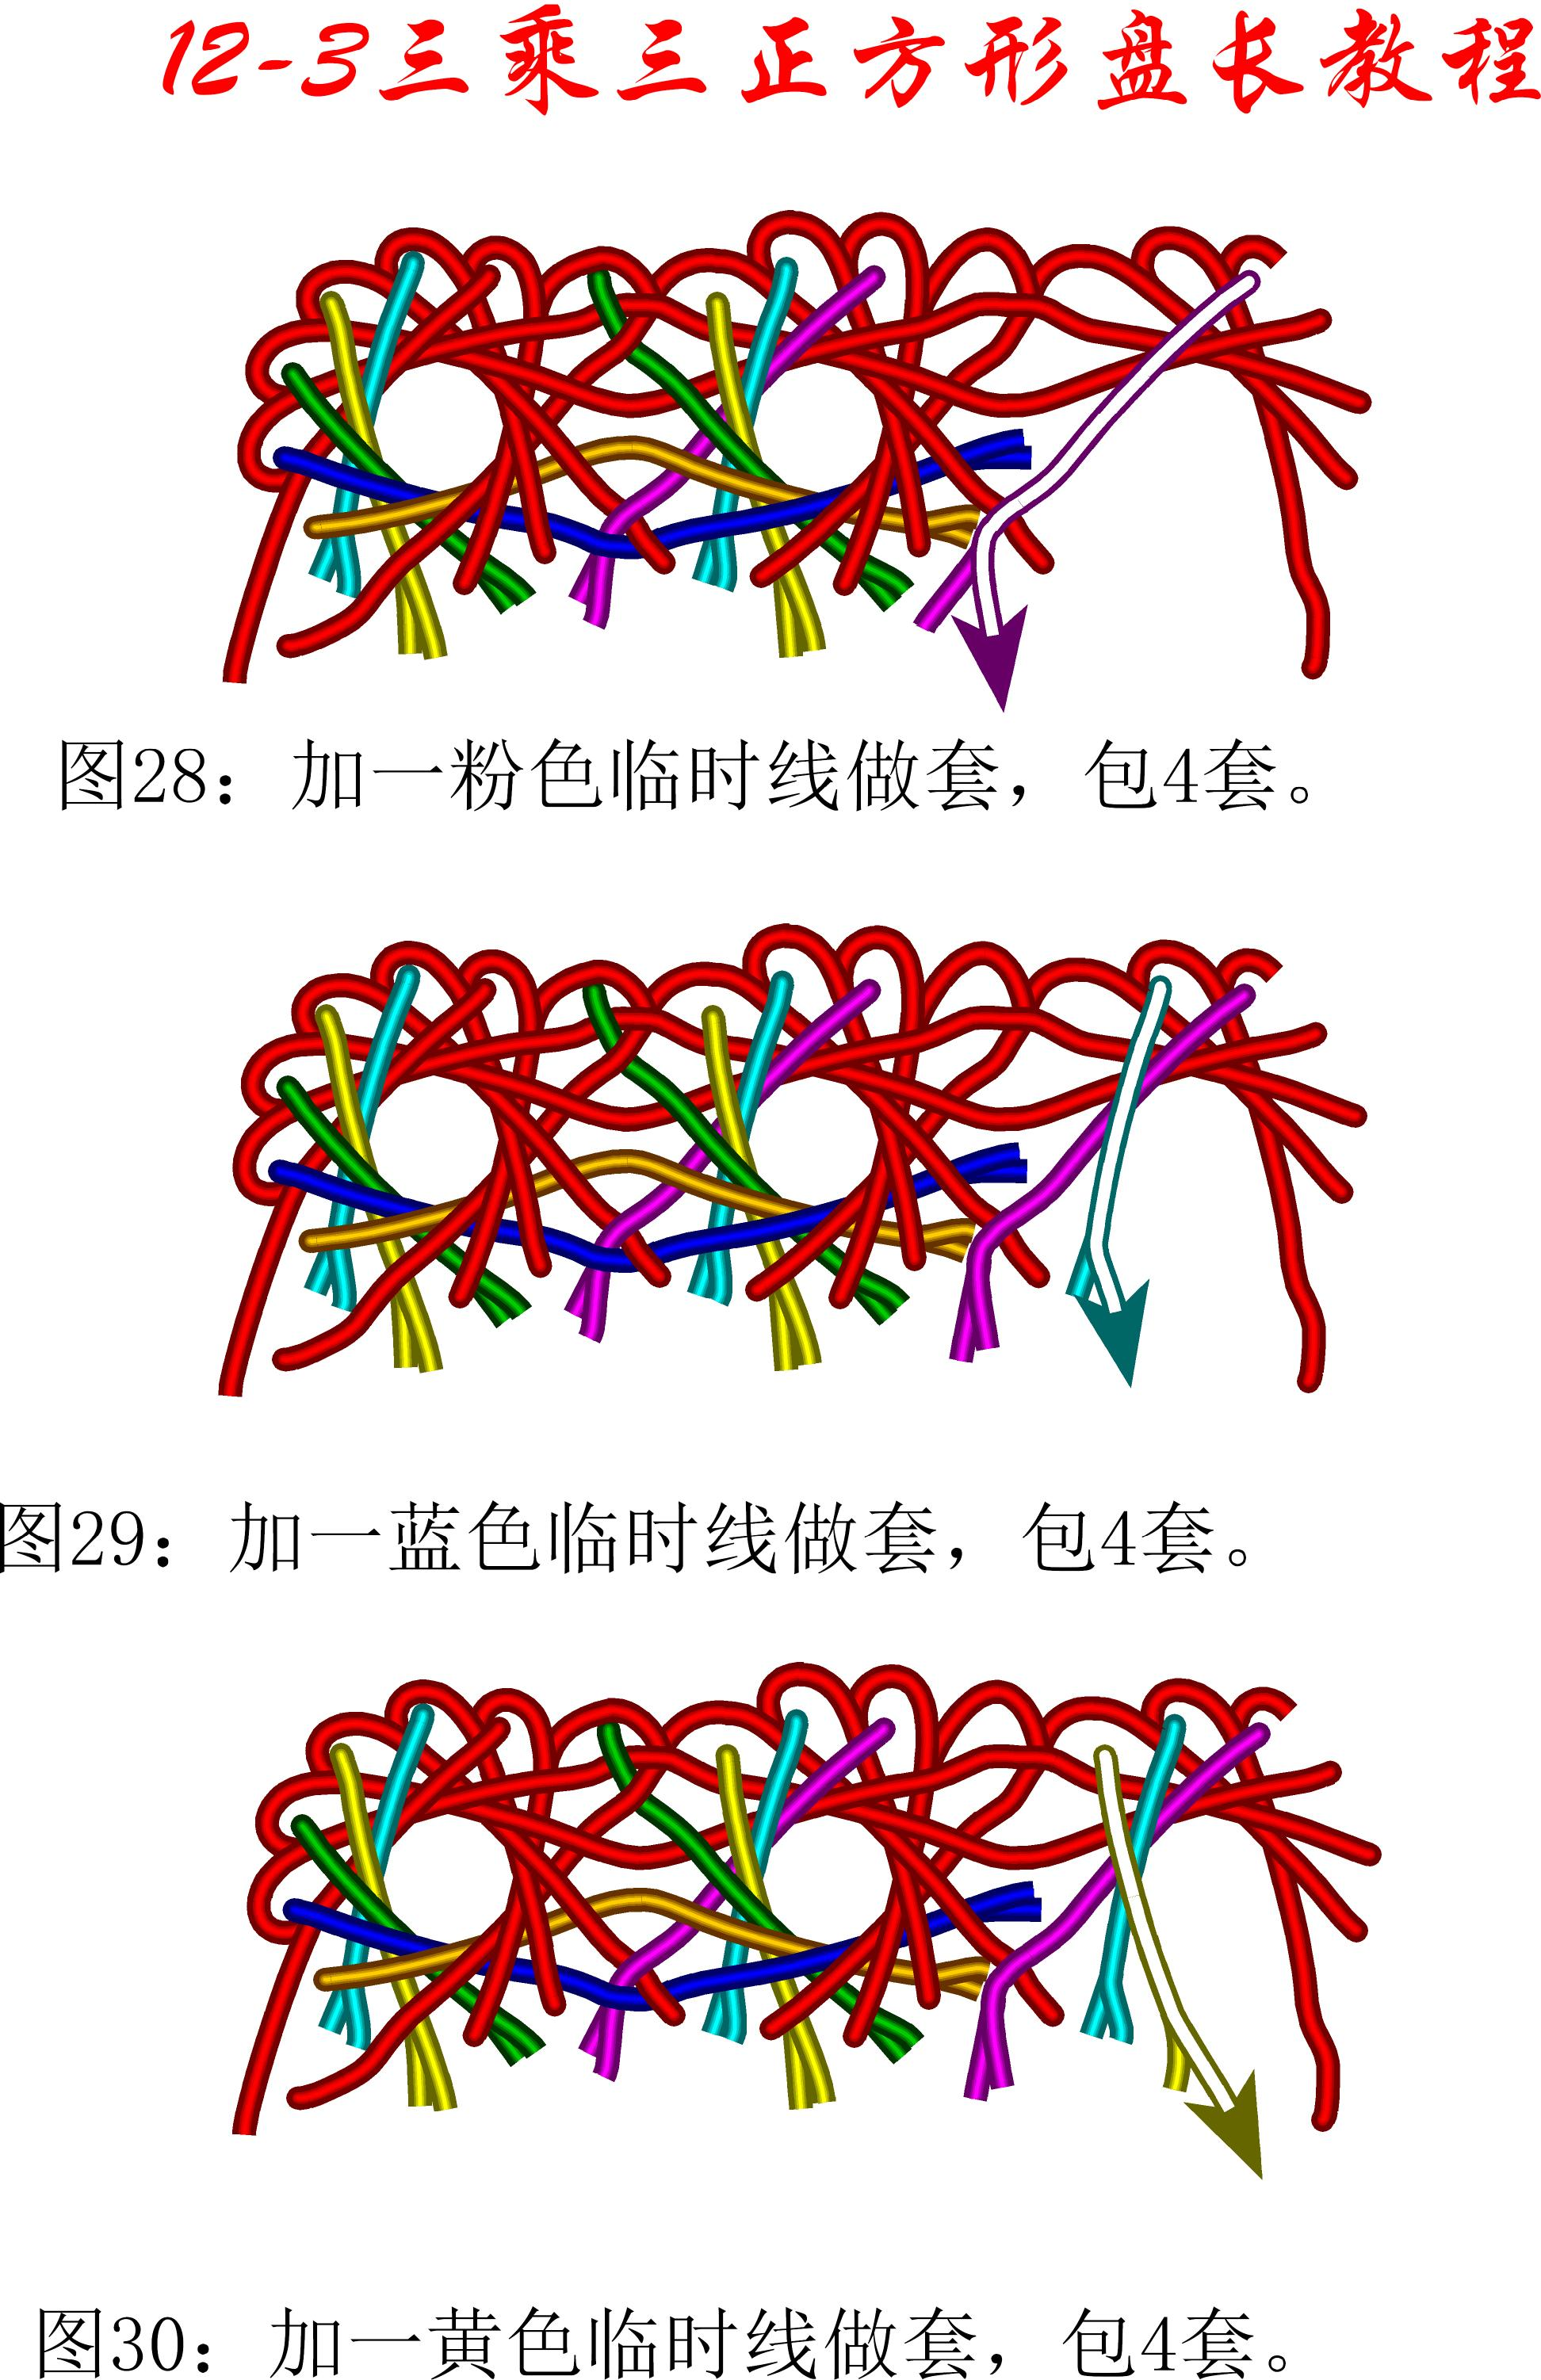 中国结论坛 12-3盘长平行扩展方法---3乘3方形盘长 方形,方形脸怎么办 丑丑徒手编结 093108vtnbzz2djavsbzj7